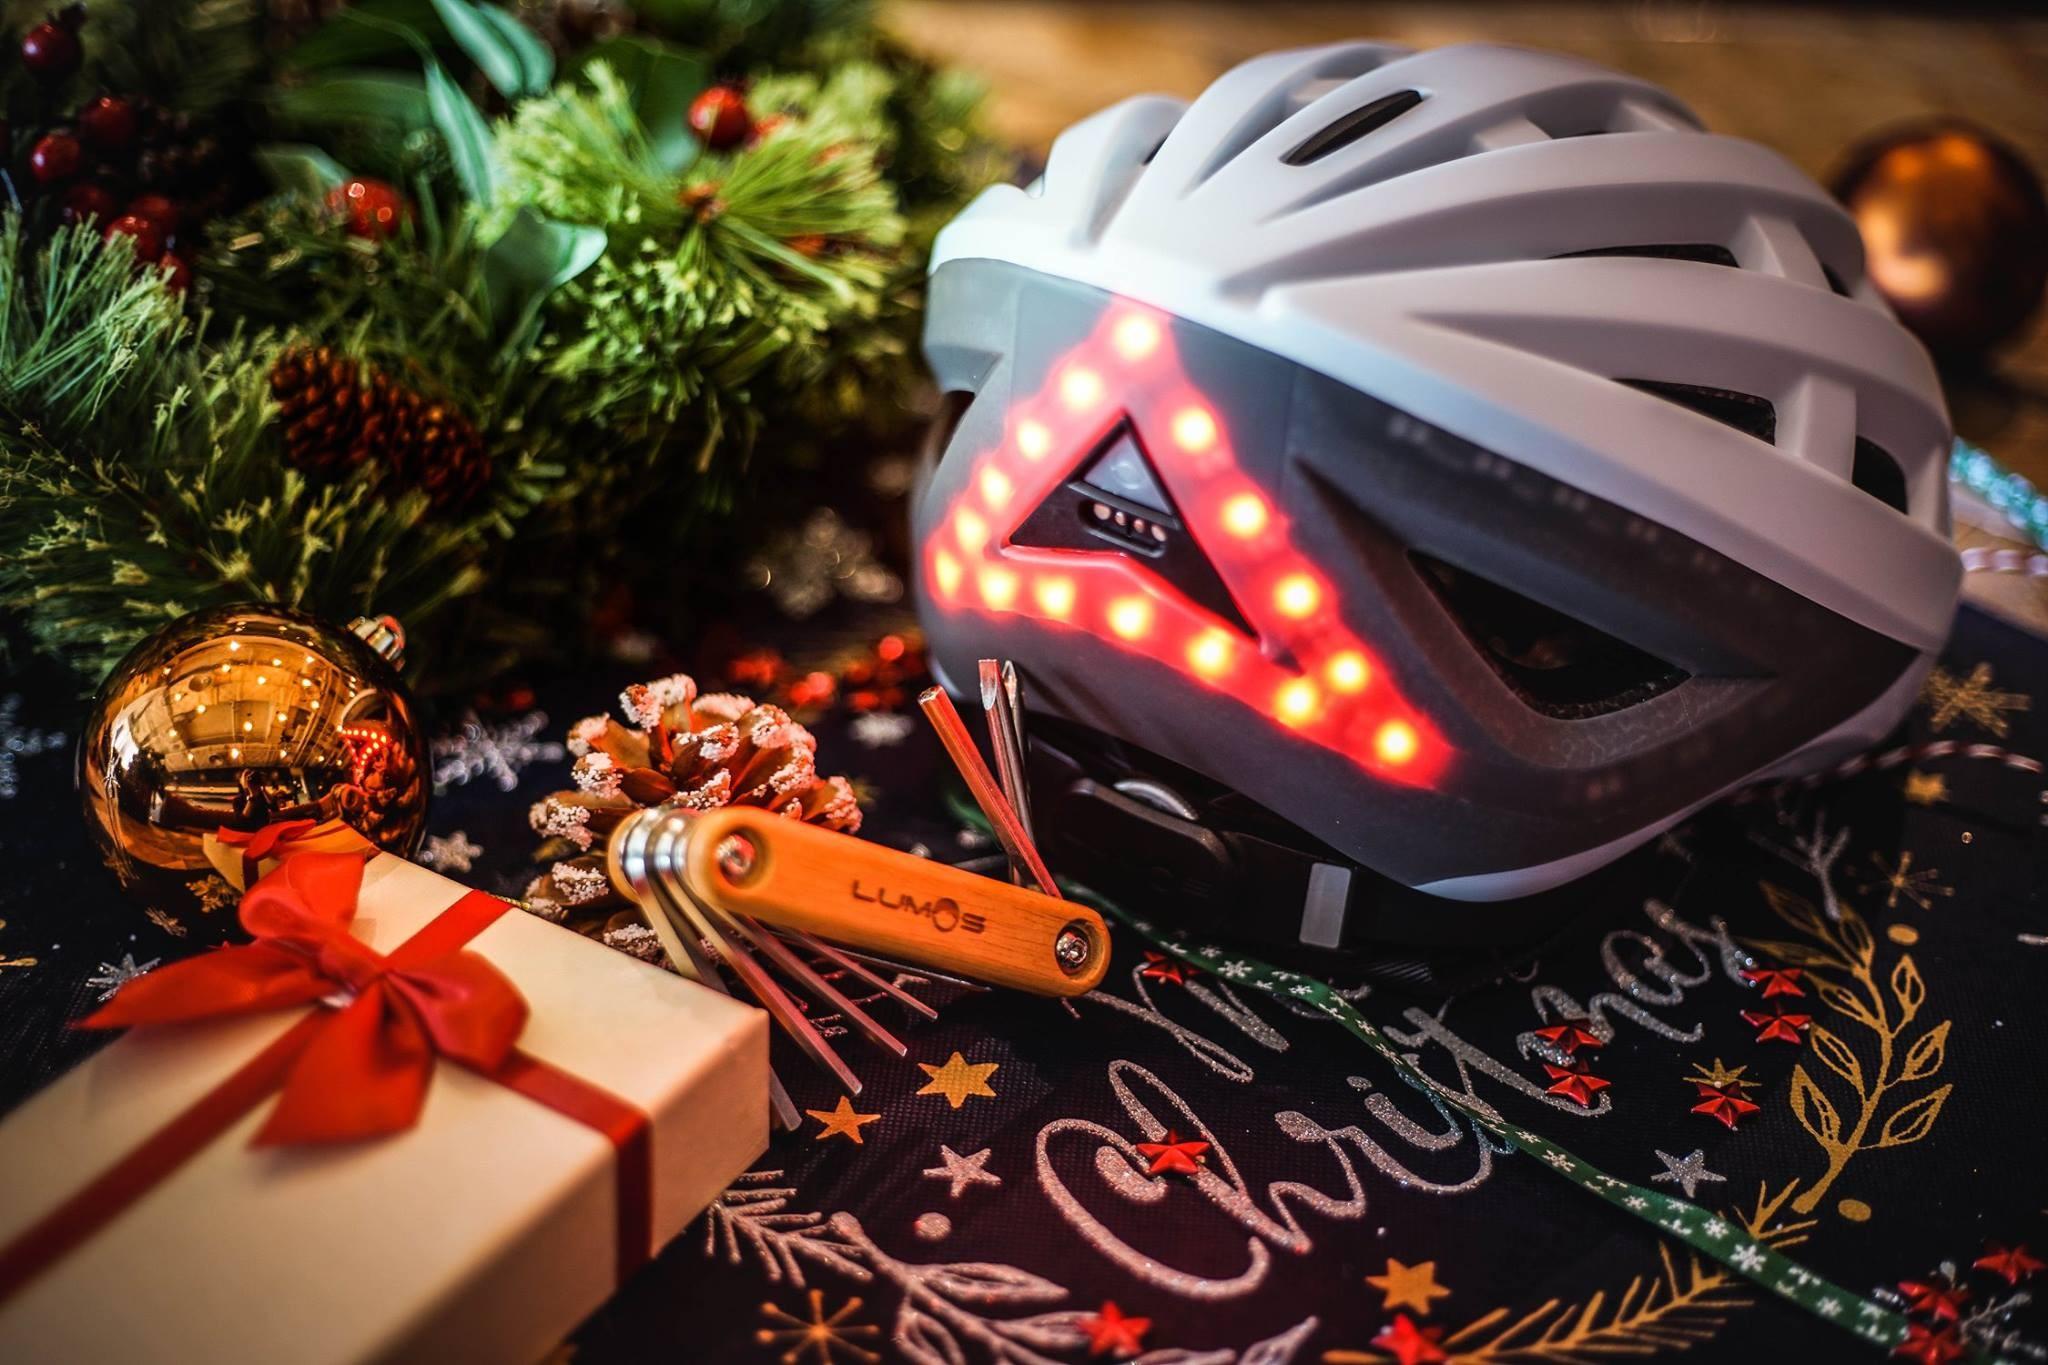 Lumos Fahrradhelm mit Licht